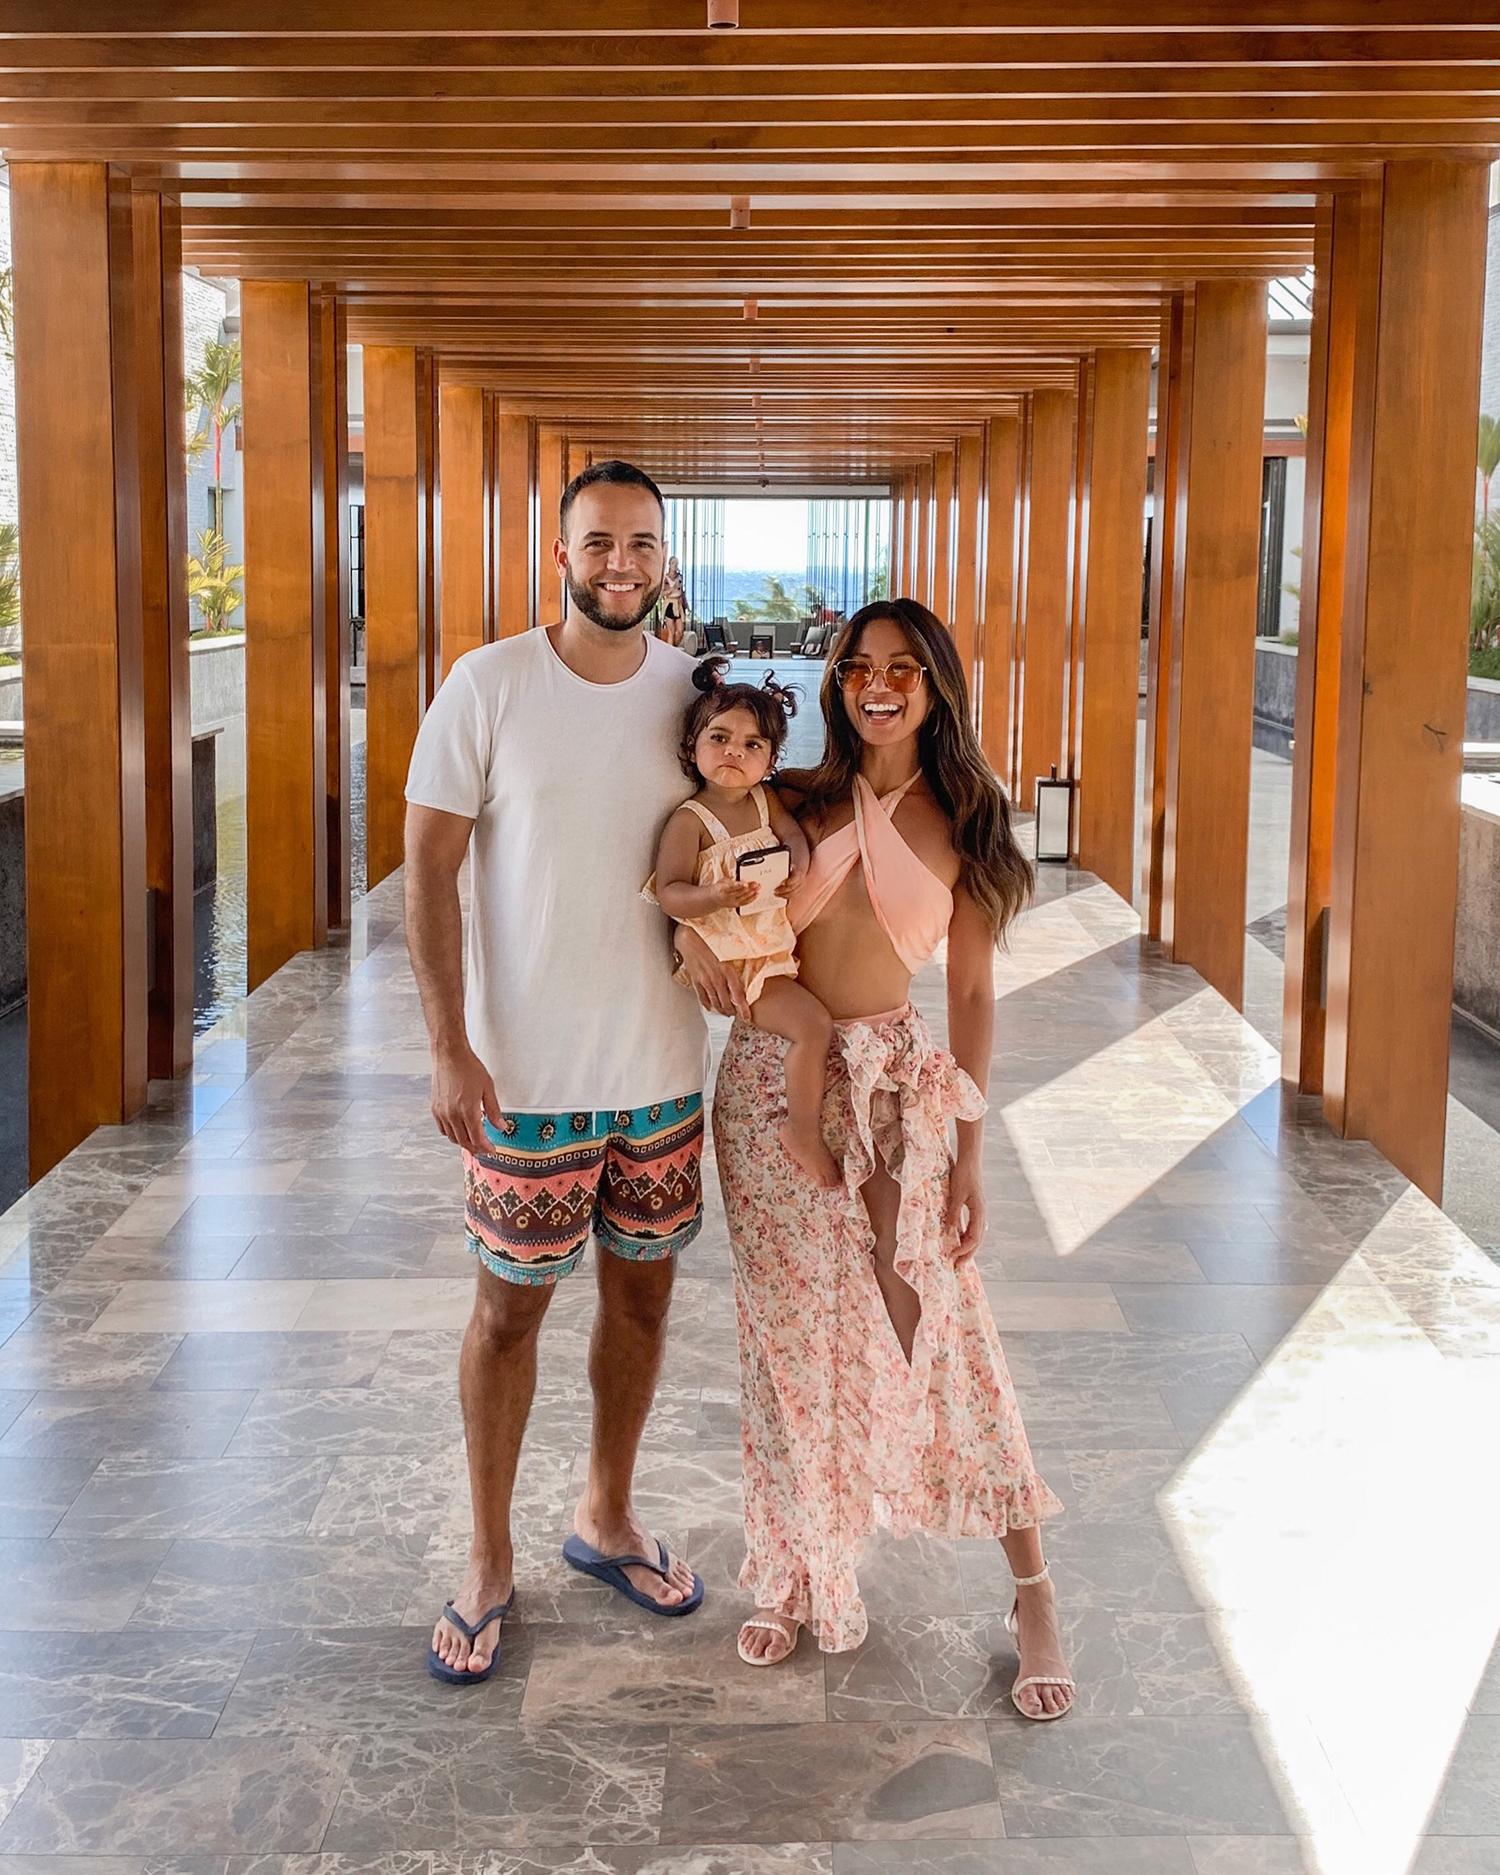 Jessi Malay family vacation Maui Hawaii